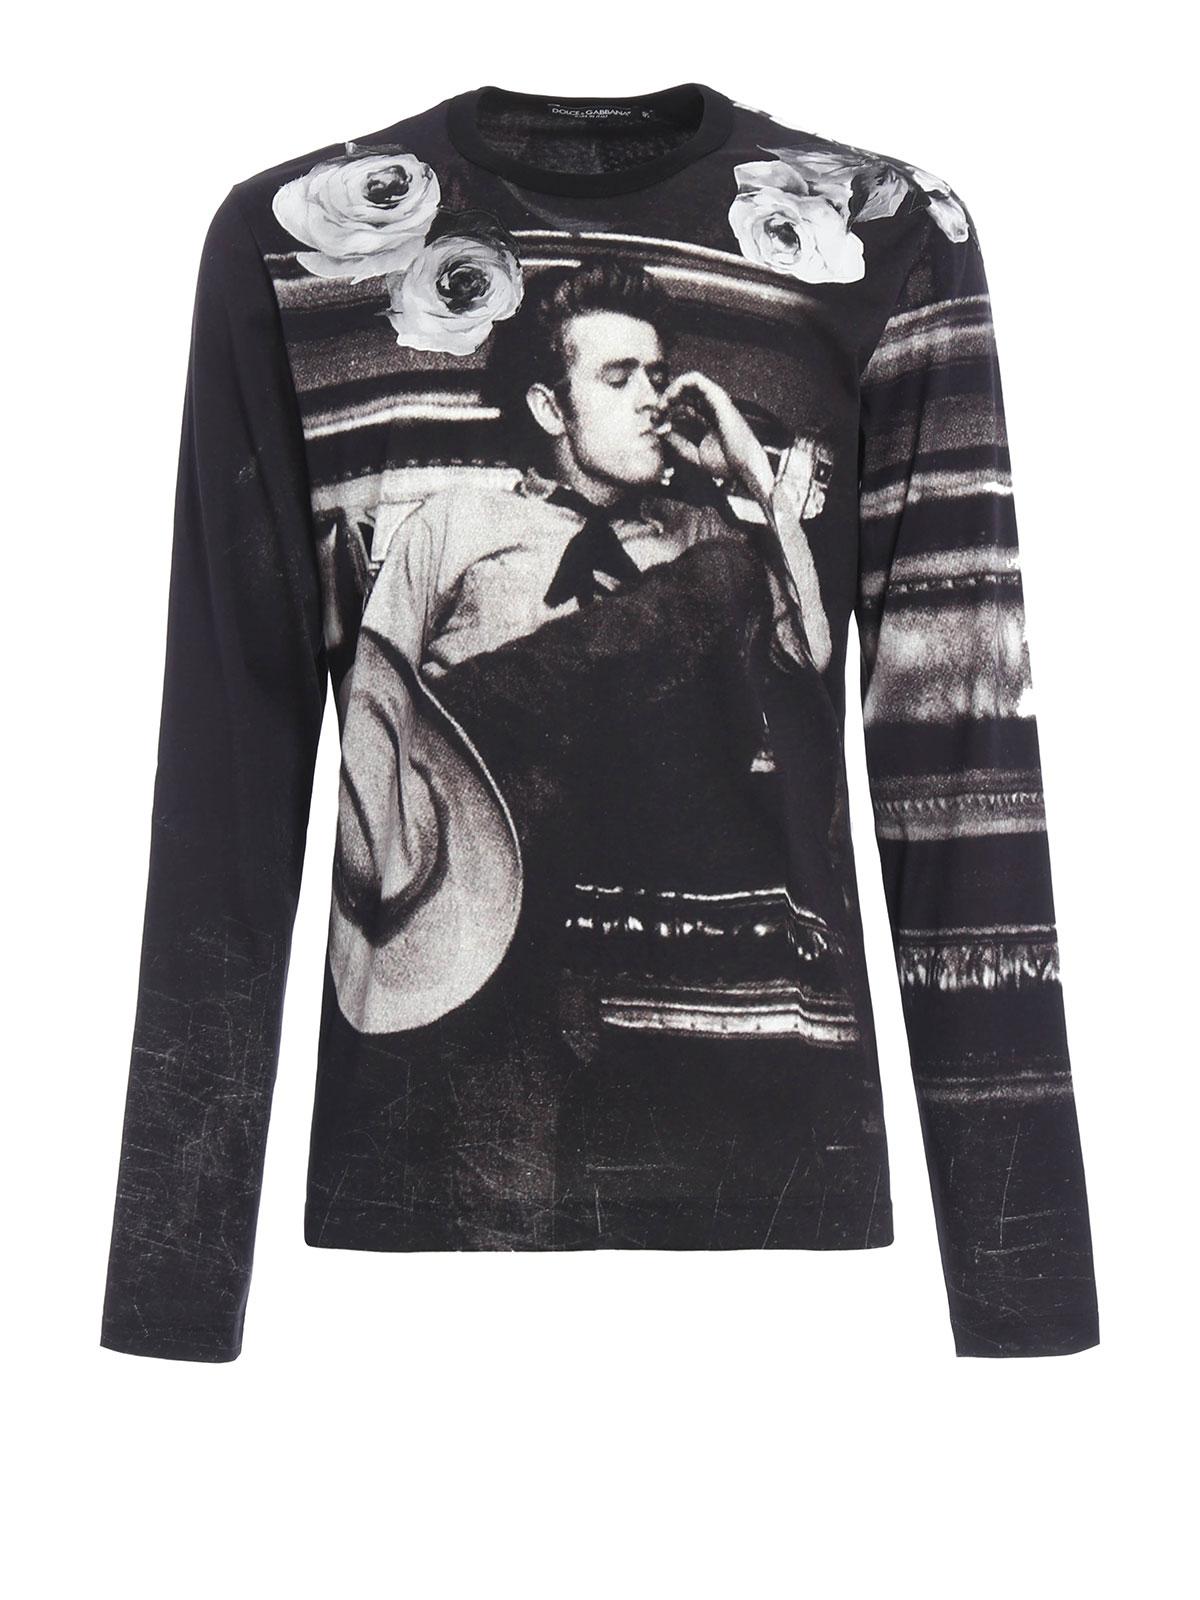 dolce gabbana james dean t shirt sale   OFF67% Discounts 4d011d51dd0a